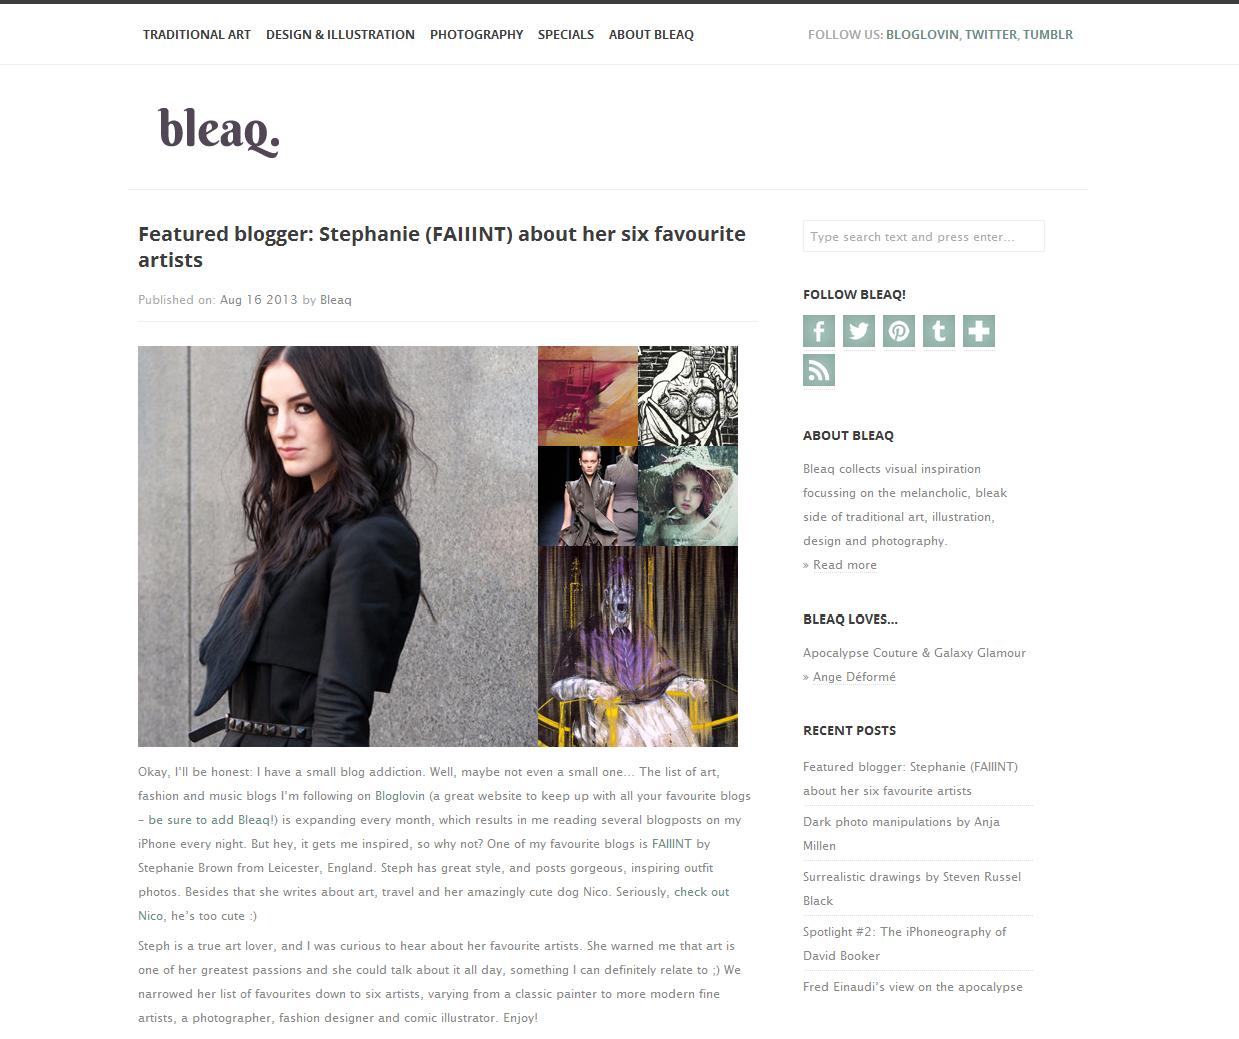 Stephanie of FAIIINT Bleaq featured blogger & my six favourite artists interview.